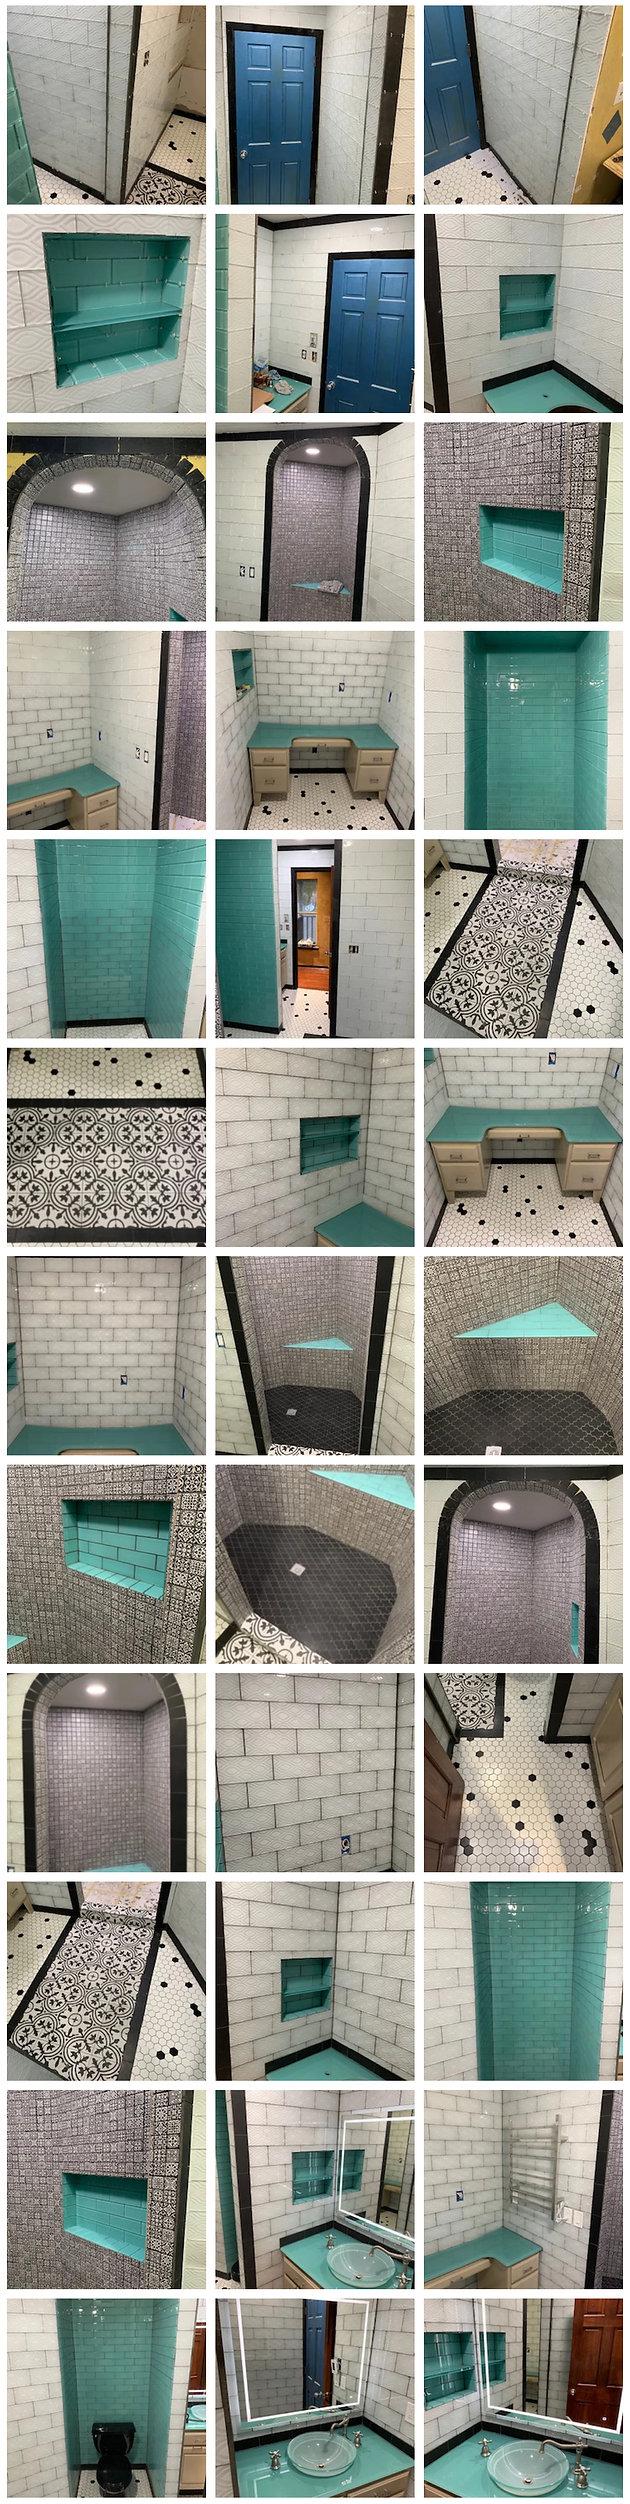 the-redoux-art-deco-revival-guest-bathro